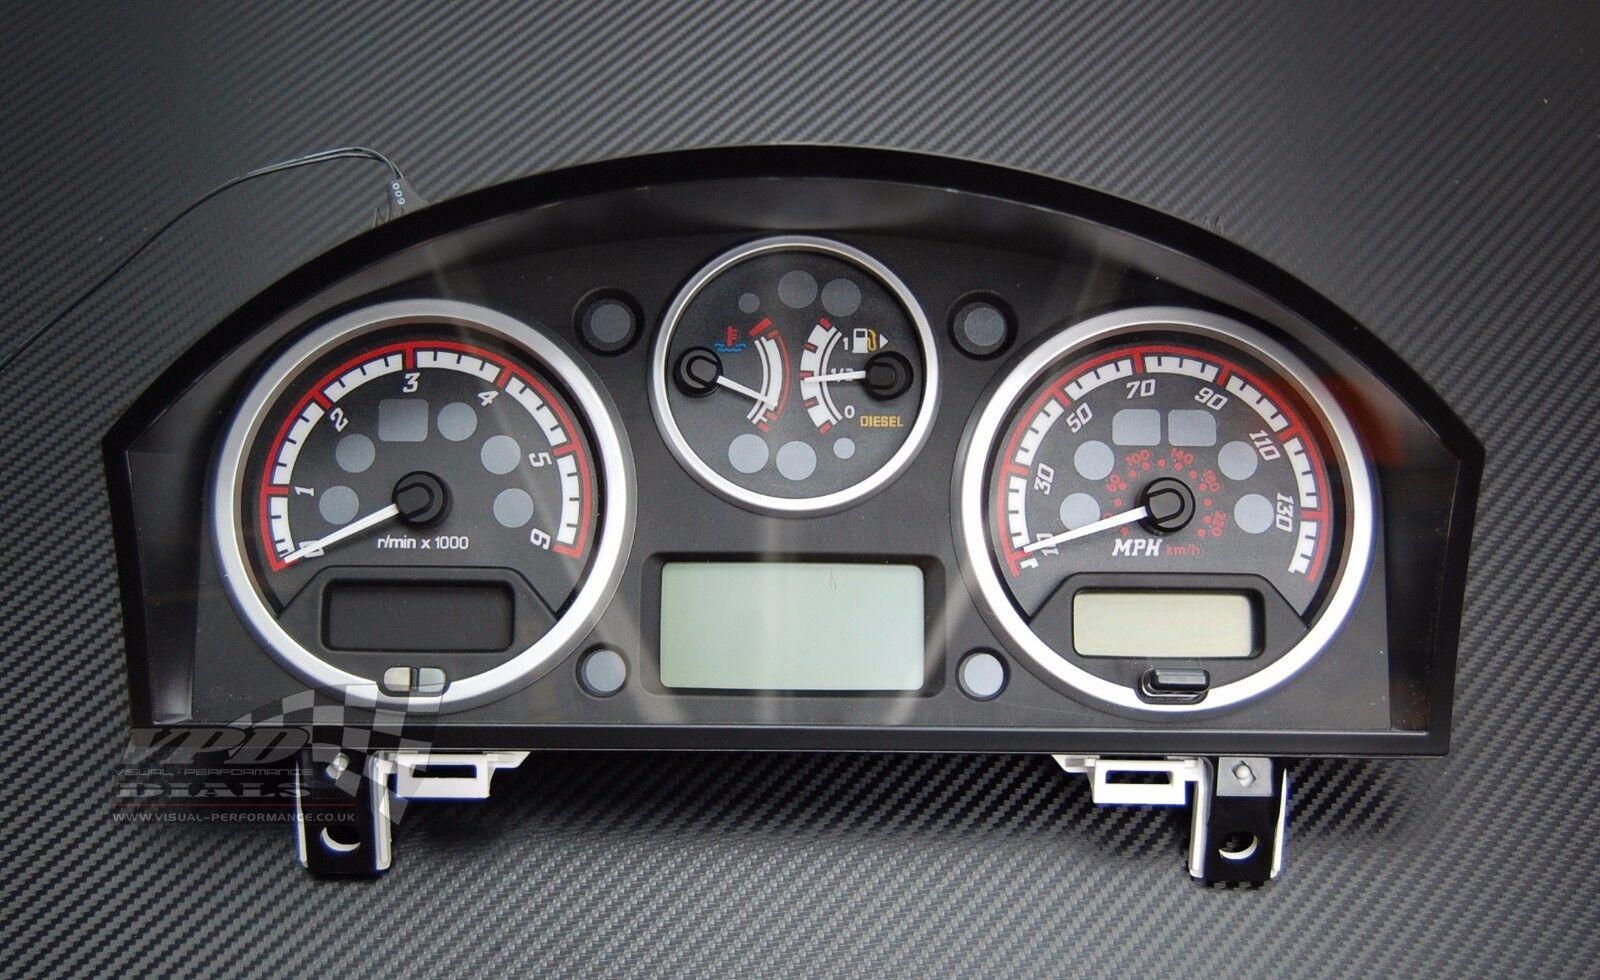 Range rover sport diesel interior custom dash speedo lighting upgrade dial kit for Range rover sport interior lighting